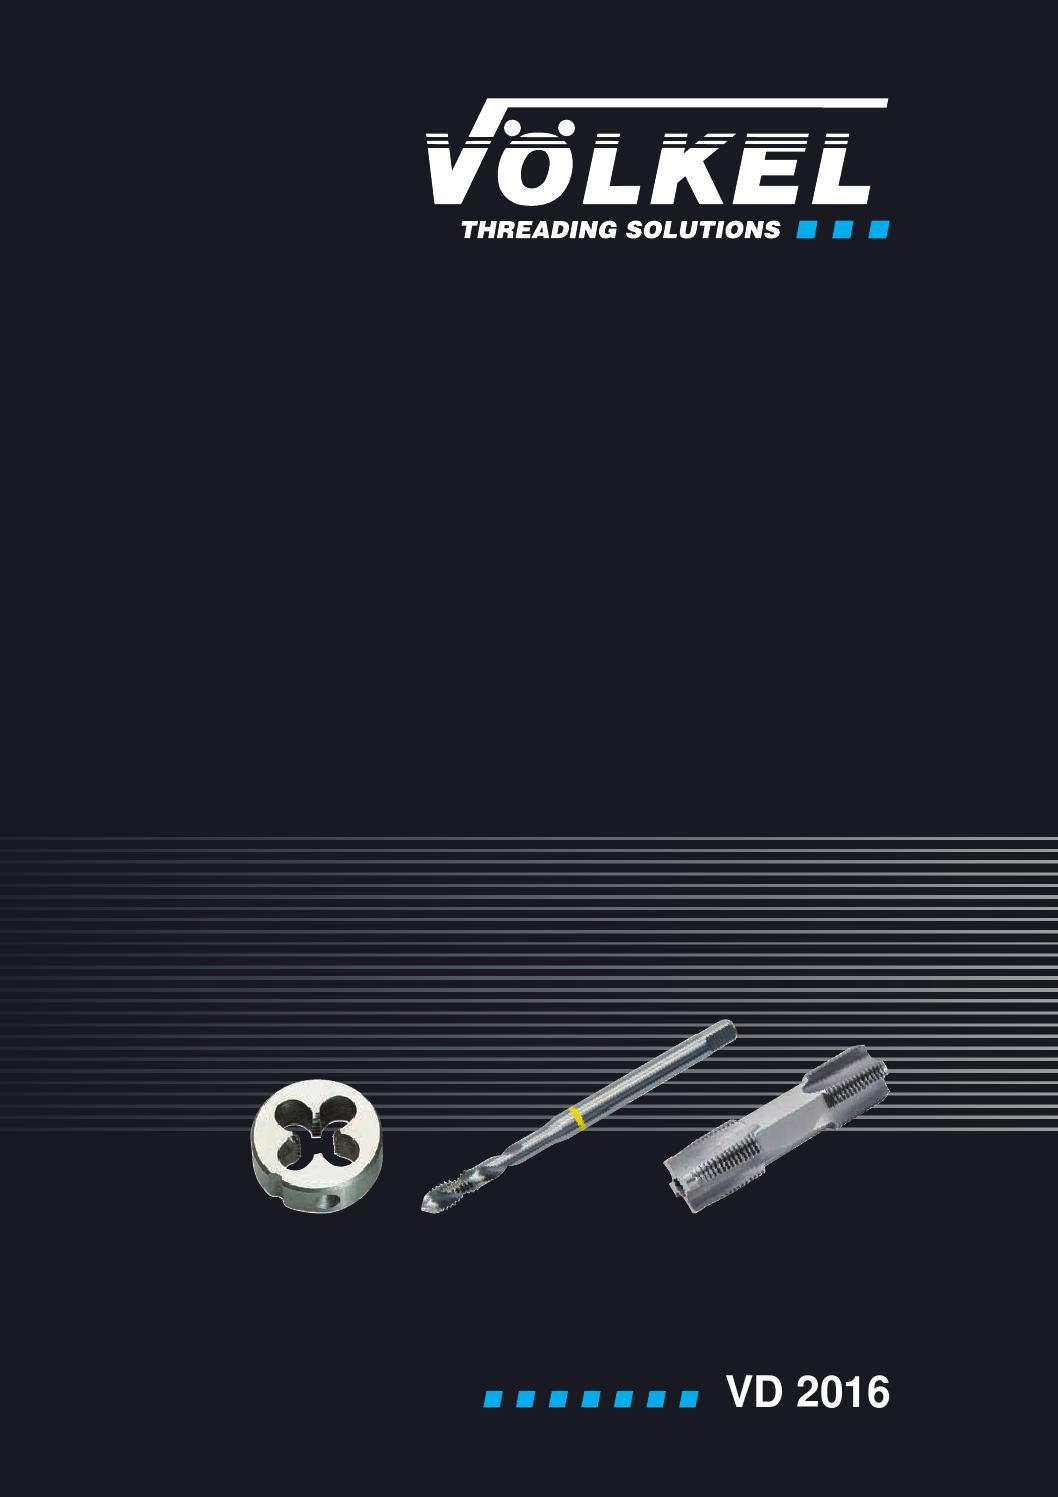 HSS-G 27422 DIN 223 Fili/ères rondes DIN EN 22568 M/2.5 x 0.45 V/ölkel